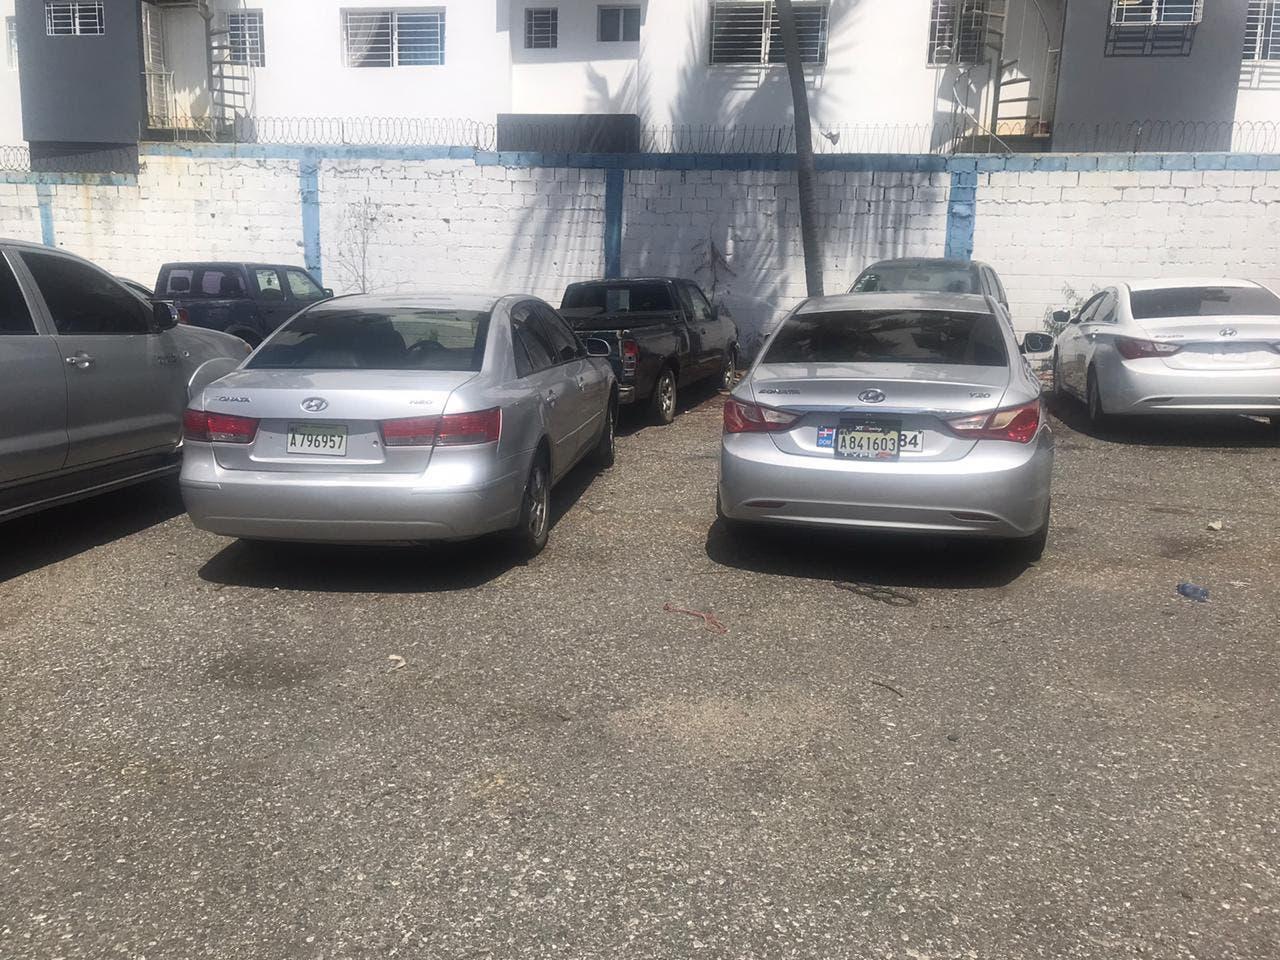 Policía desmantela banda dedicada a estafar personas con ventas de vehículos robados